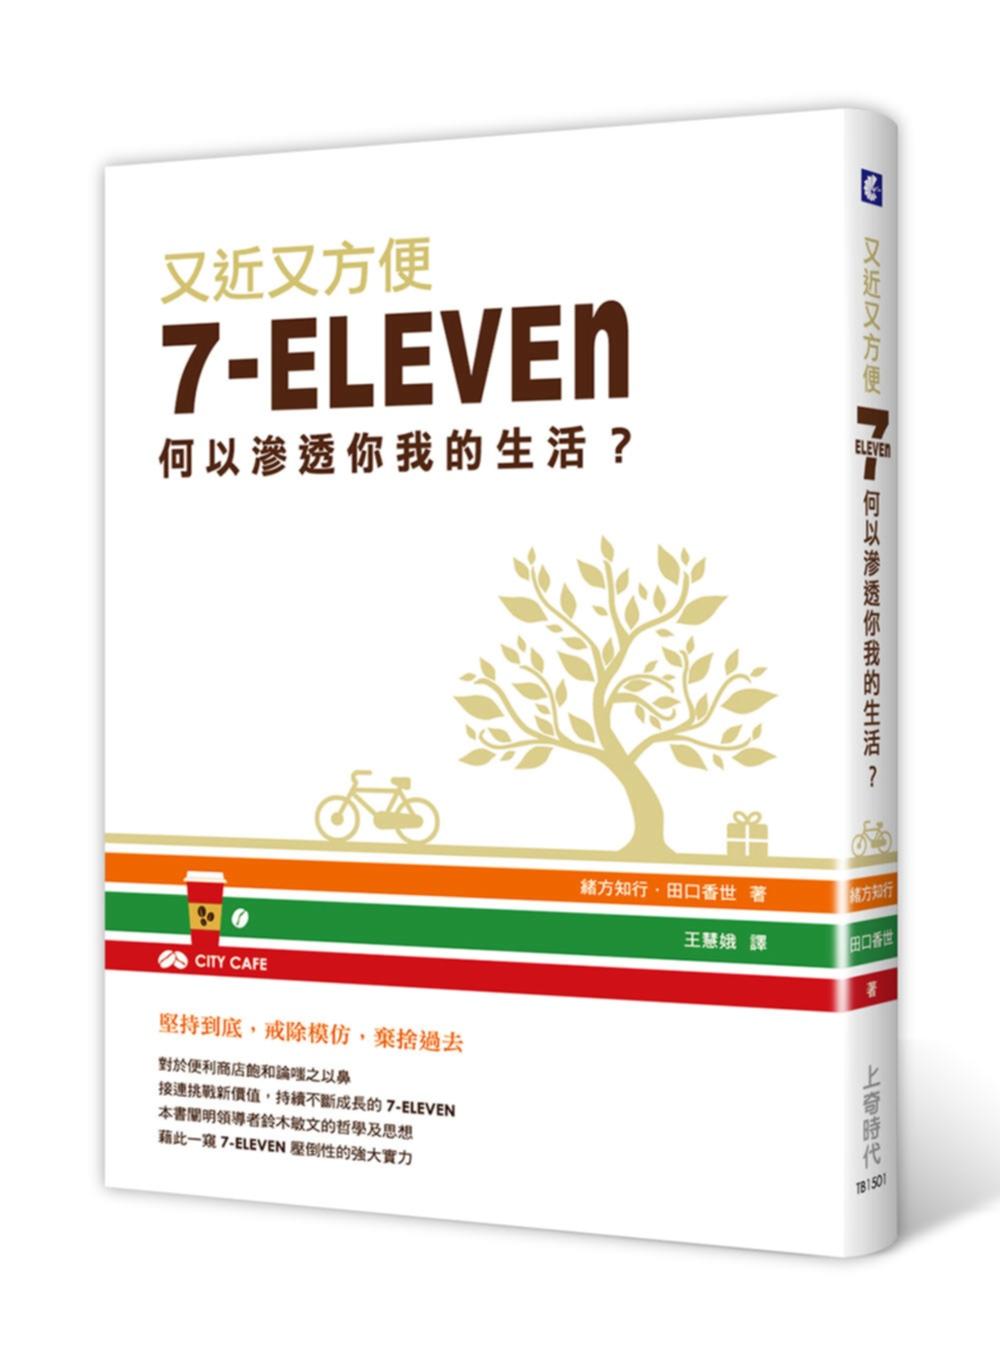 又近又方便:7-ELEVEN何以滲透你我的生活?